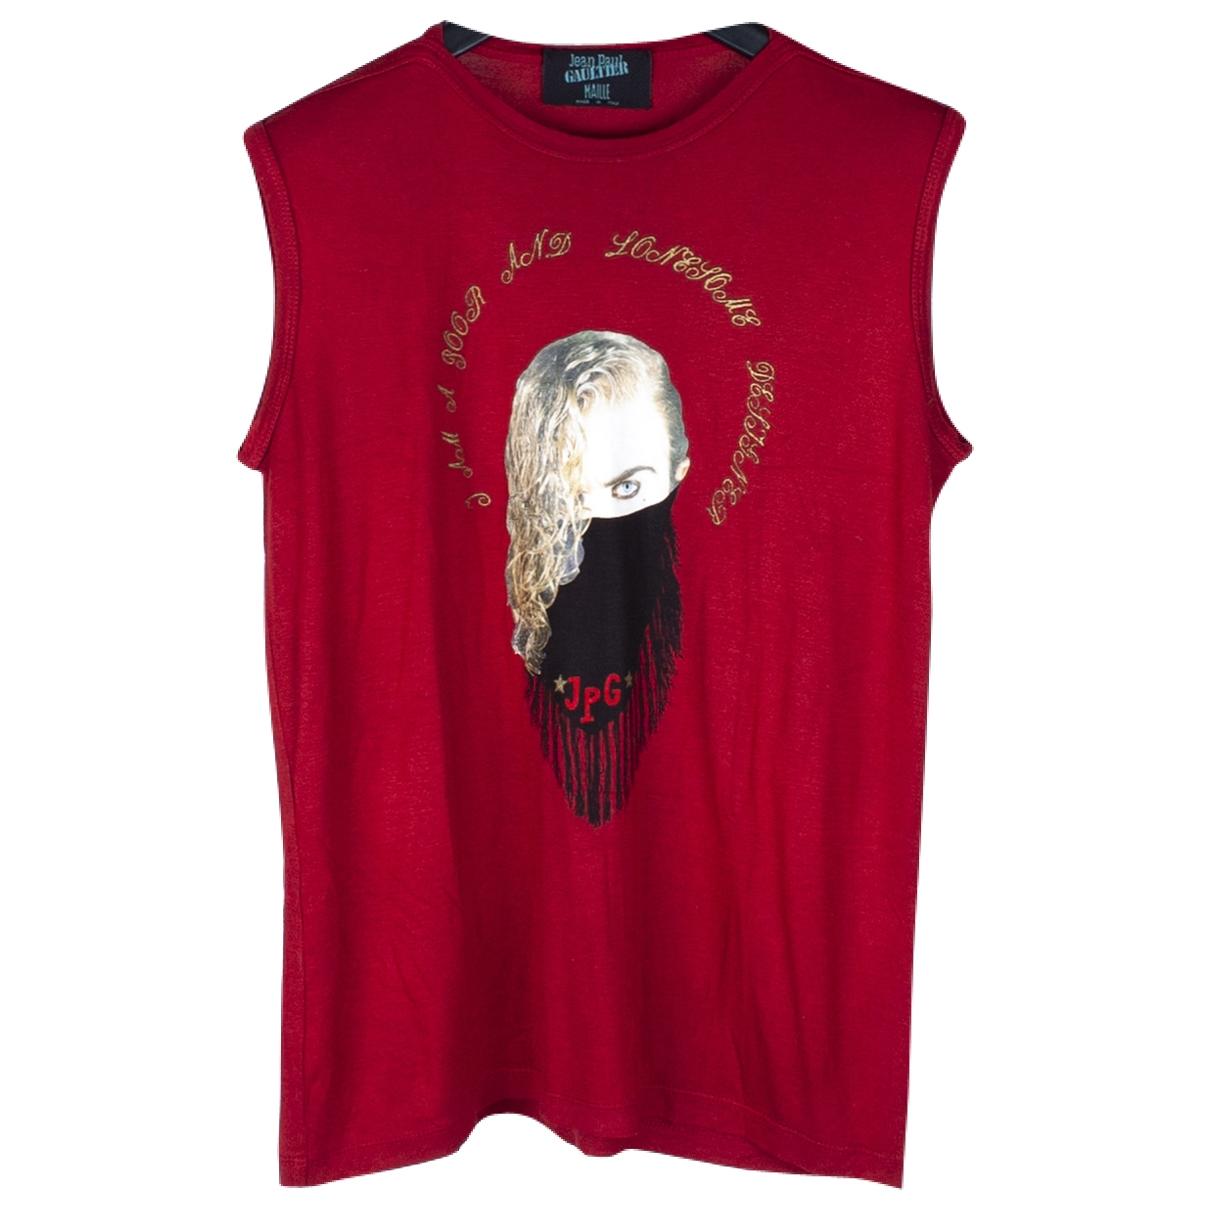 Jean Paul Gaultier - Tee shirts   pour homme en coton - rouge